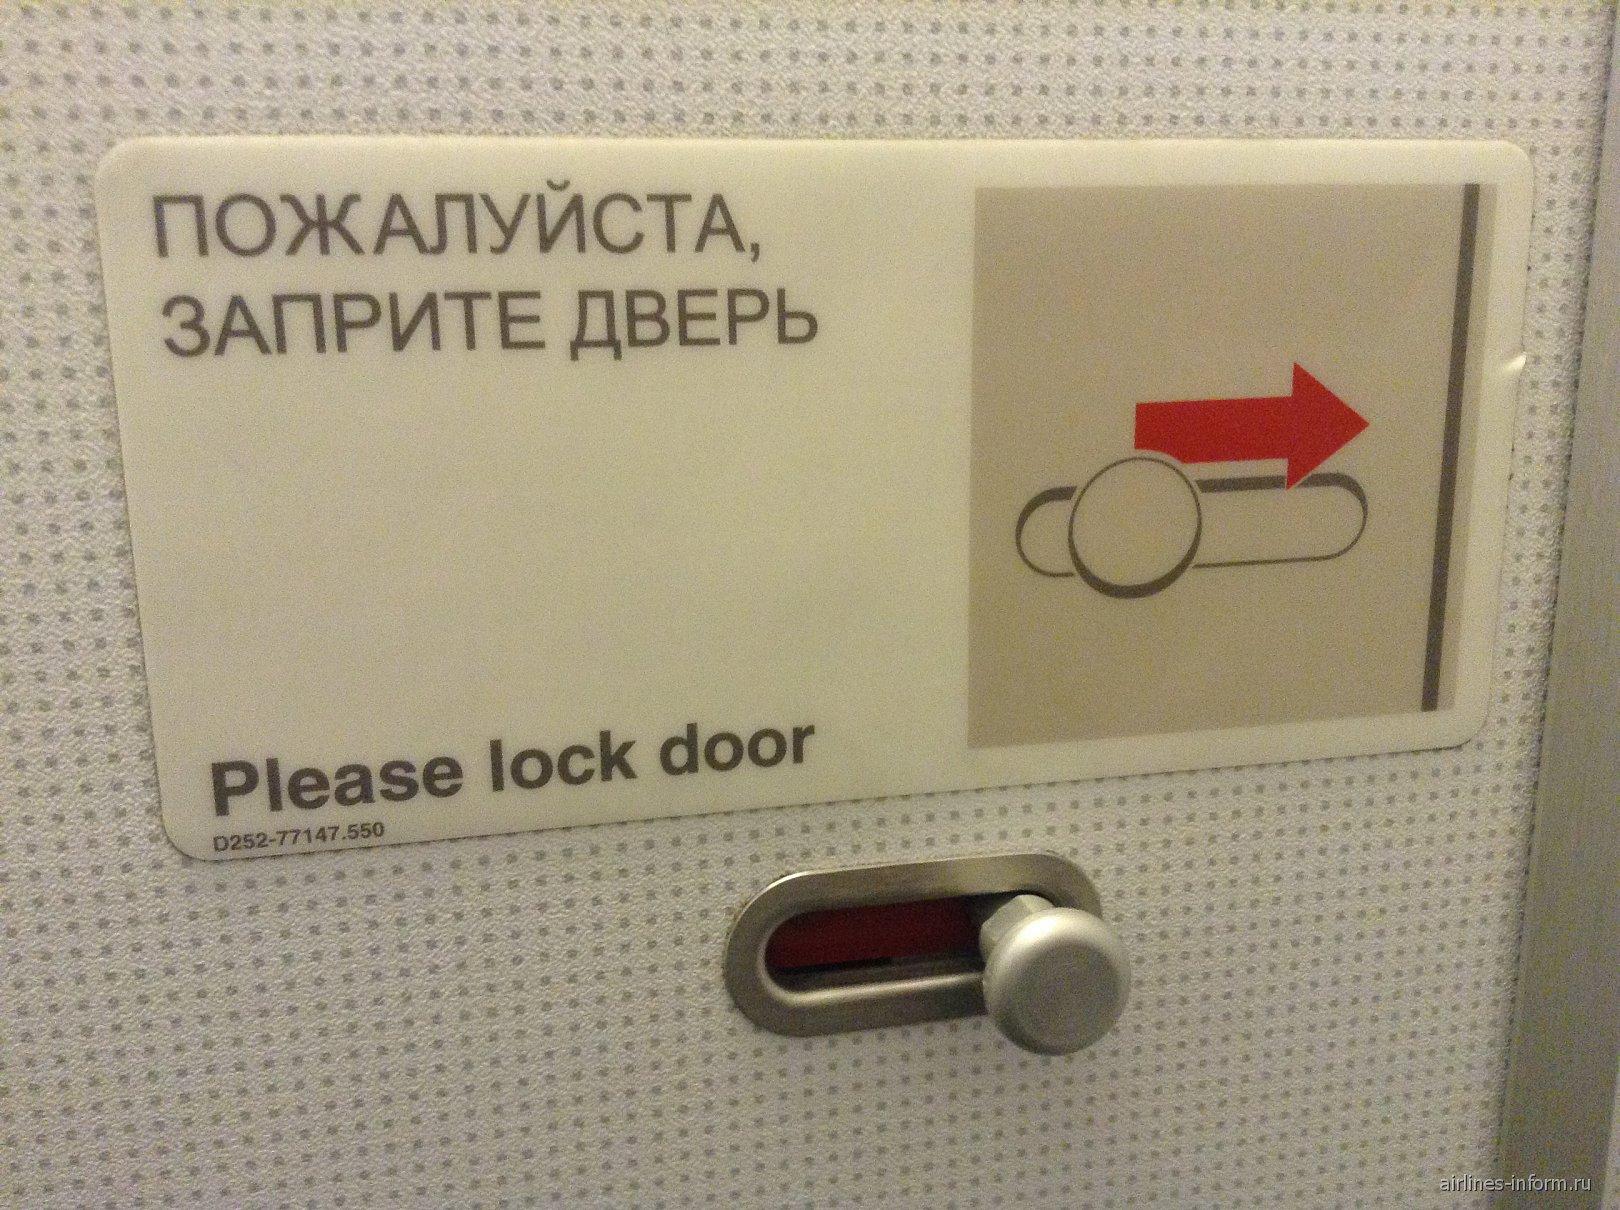 И конечно дверь